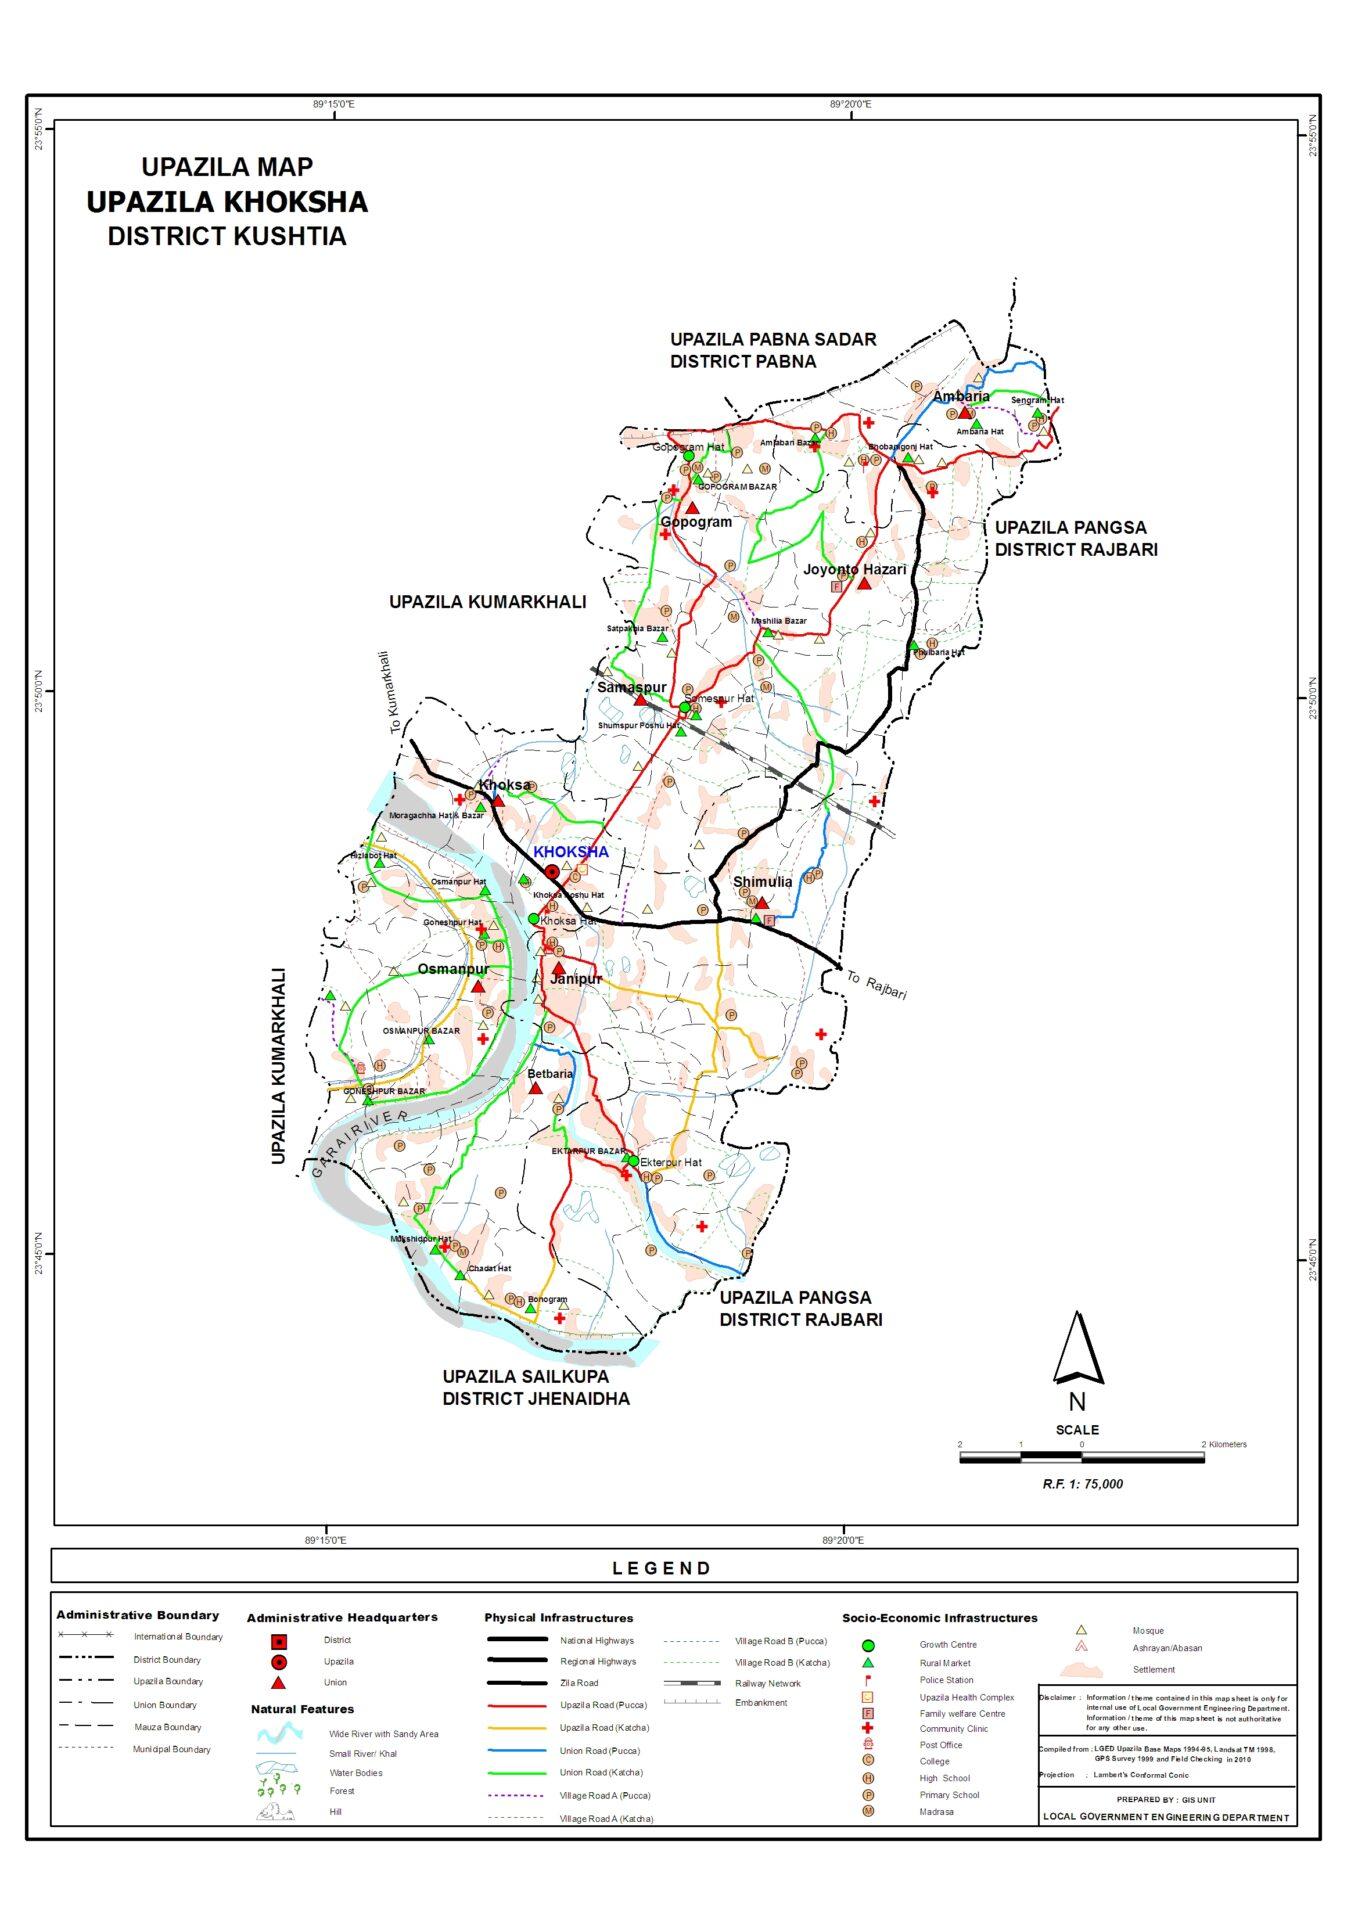 Khoksha Upozila Map   খোকসা উপজেলা ম্যাপ